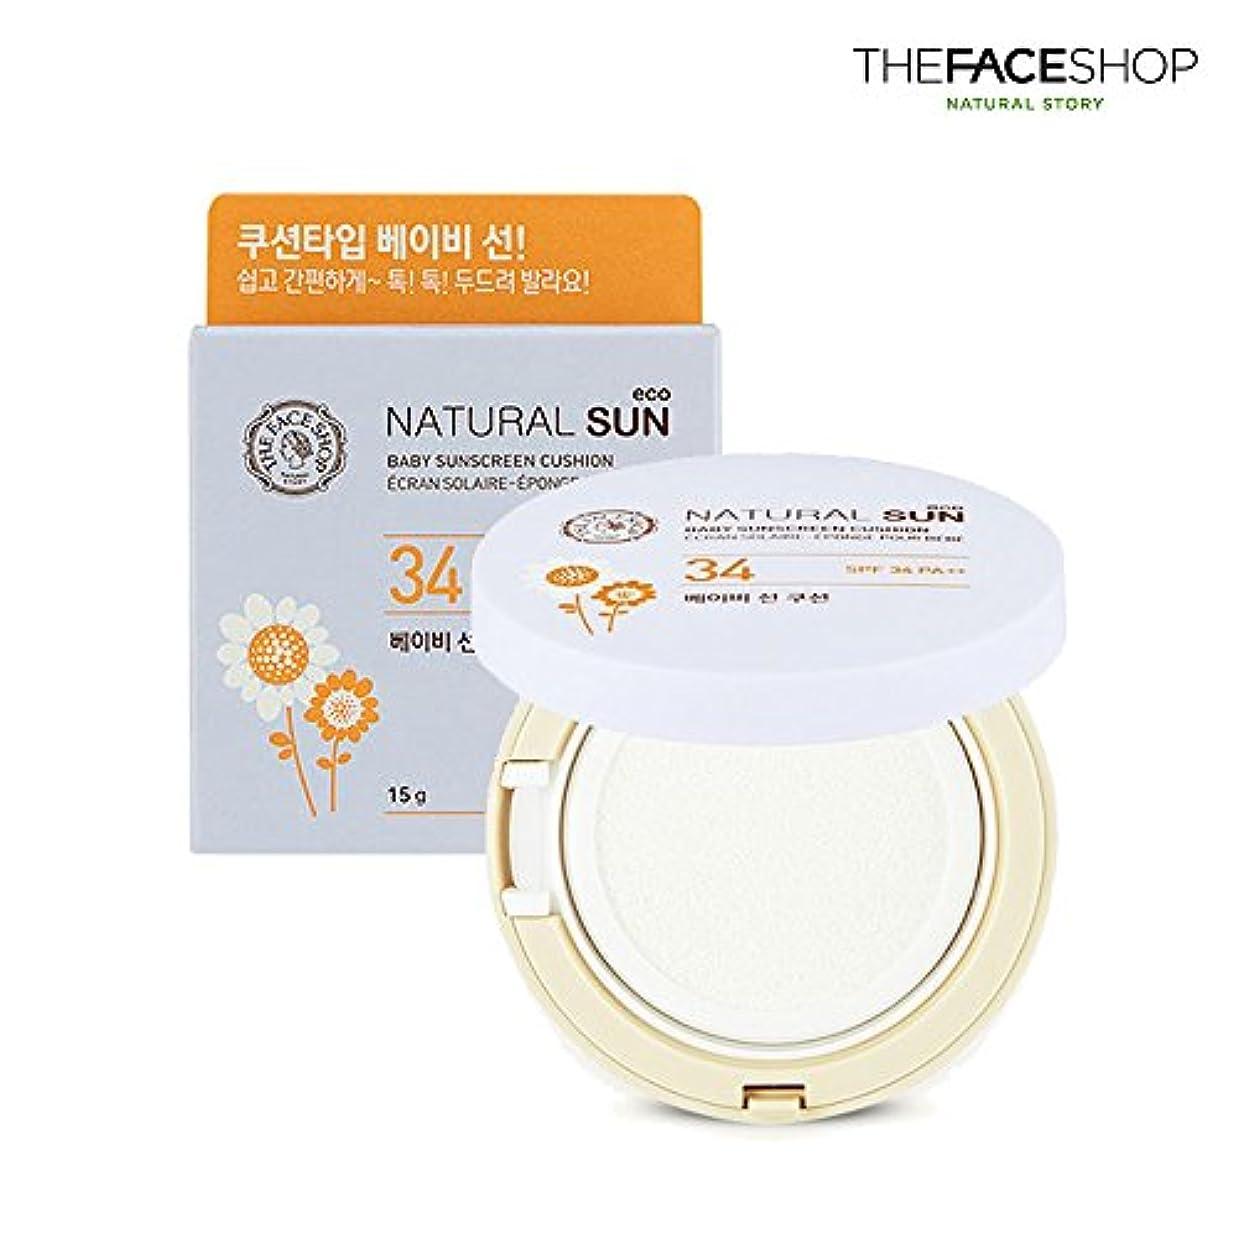 労働者不格好慈悲深いthe face shop Natural Sun ECO baby sunscreen cushion 34 PA++ 赤ちゃんサンスクリーンクッション